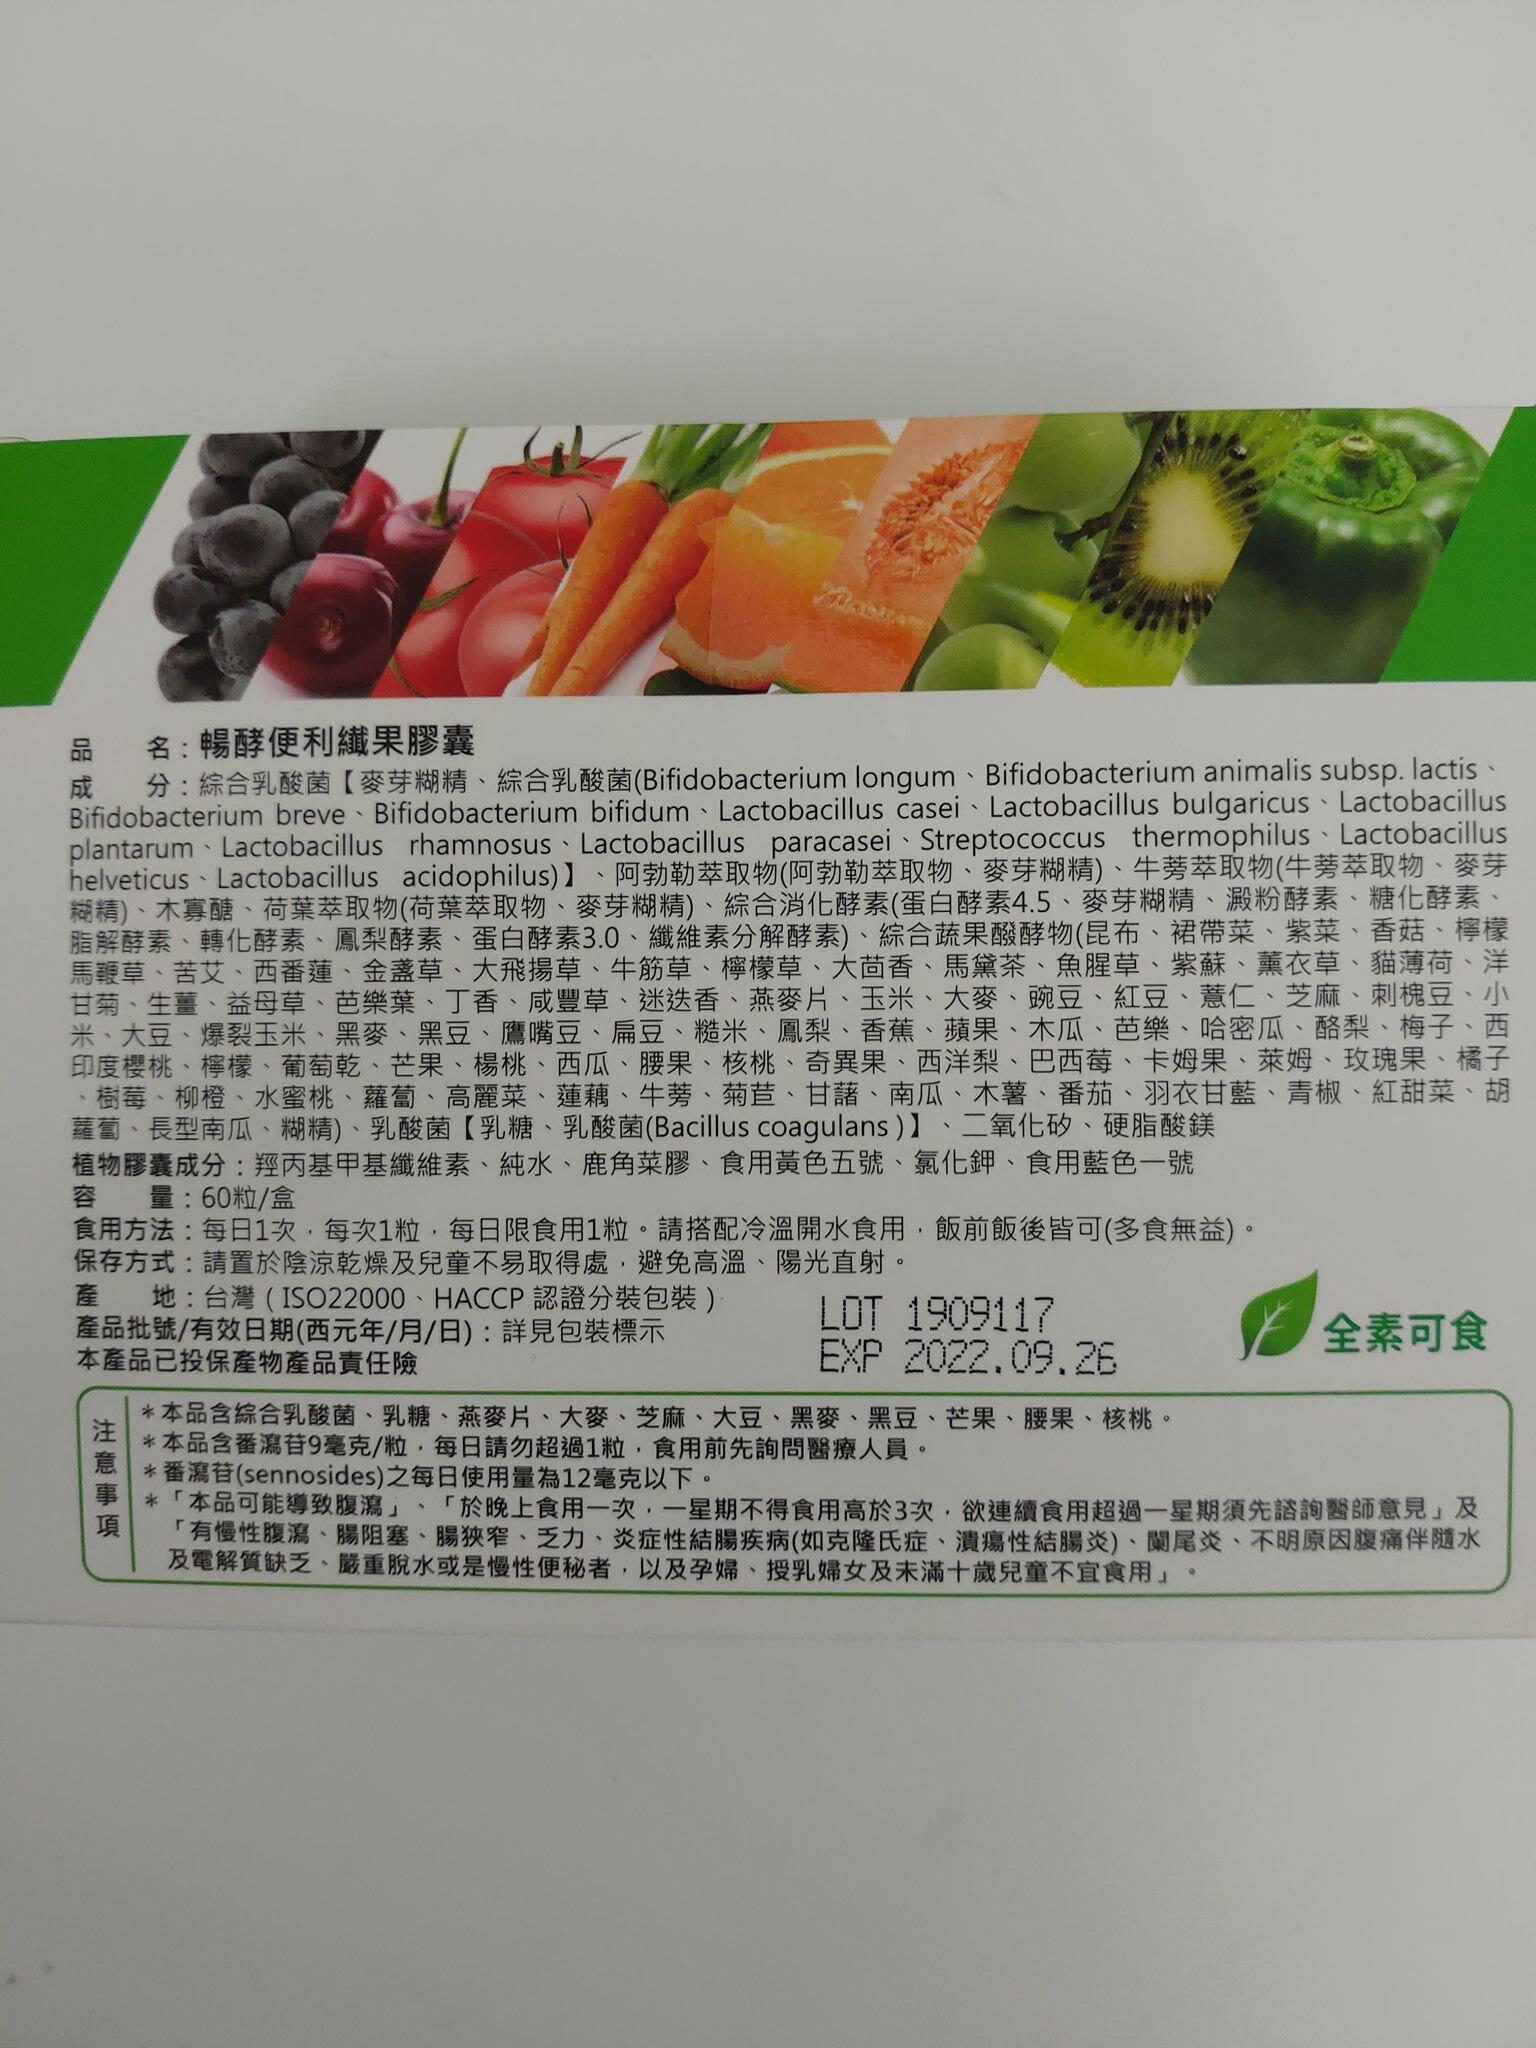 【憨吉小舖】暢酵 便利鮮果膠囊60錠/盒 益生菌、蔬果酵素